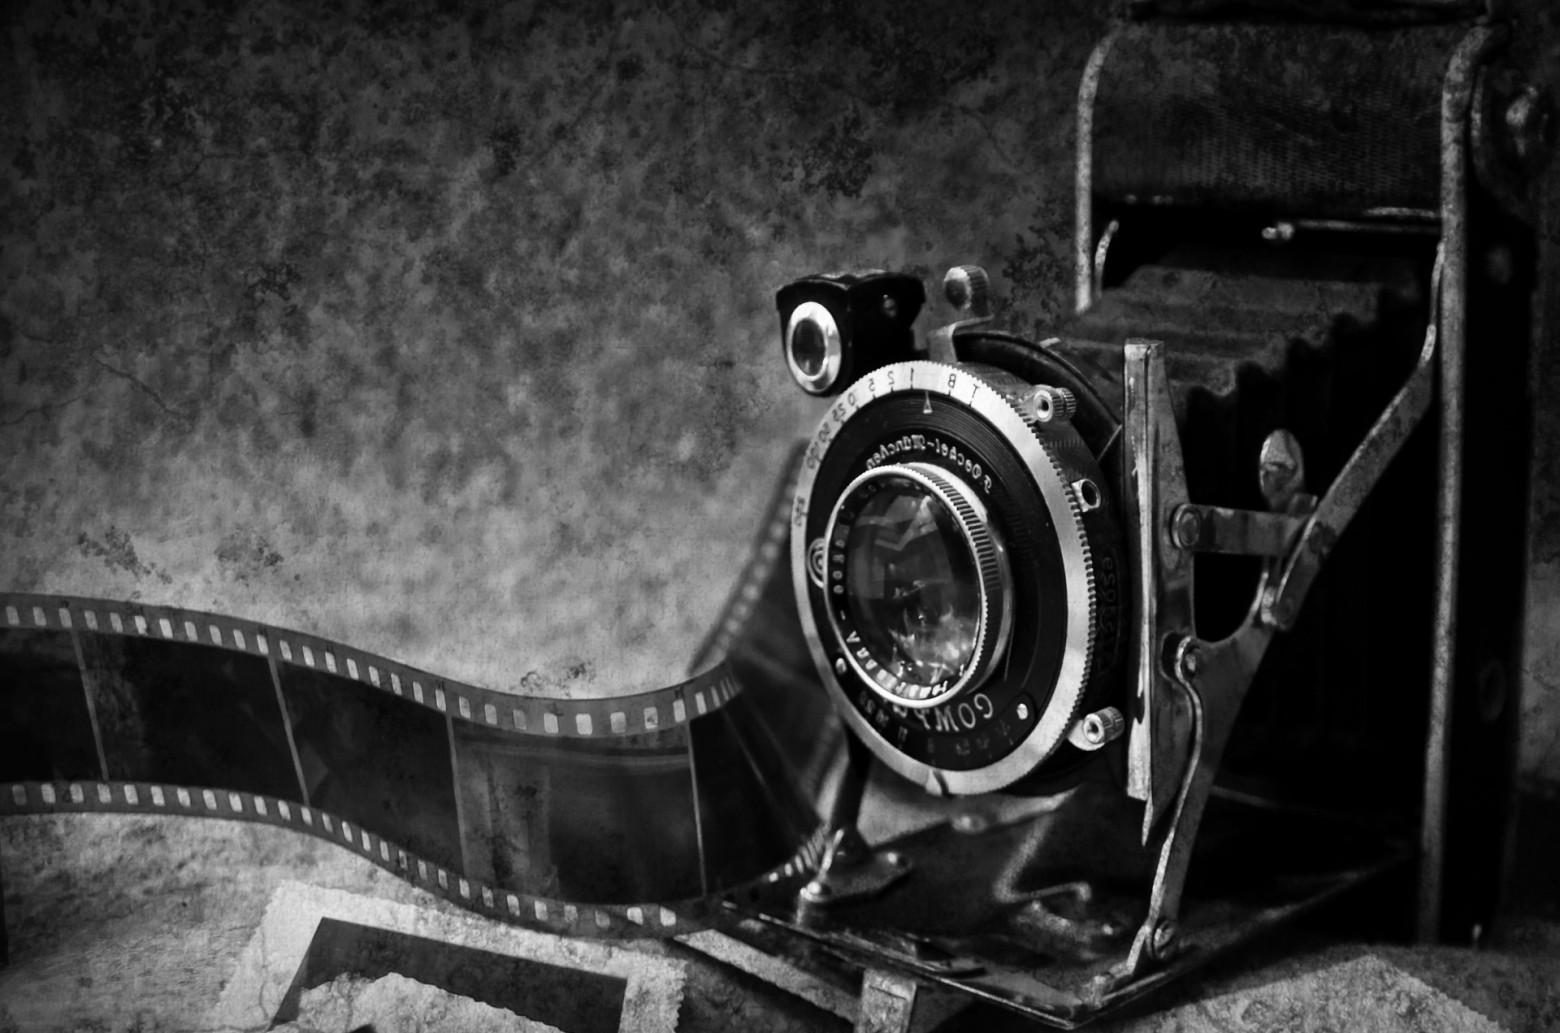 Préférence appareil photo vintage | images gratuites et libres de droits XR64